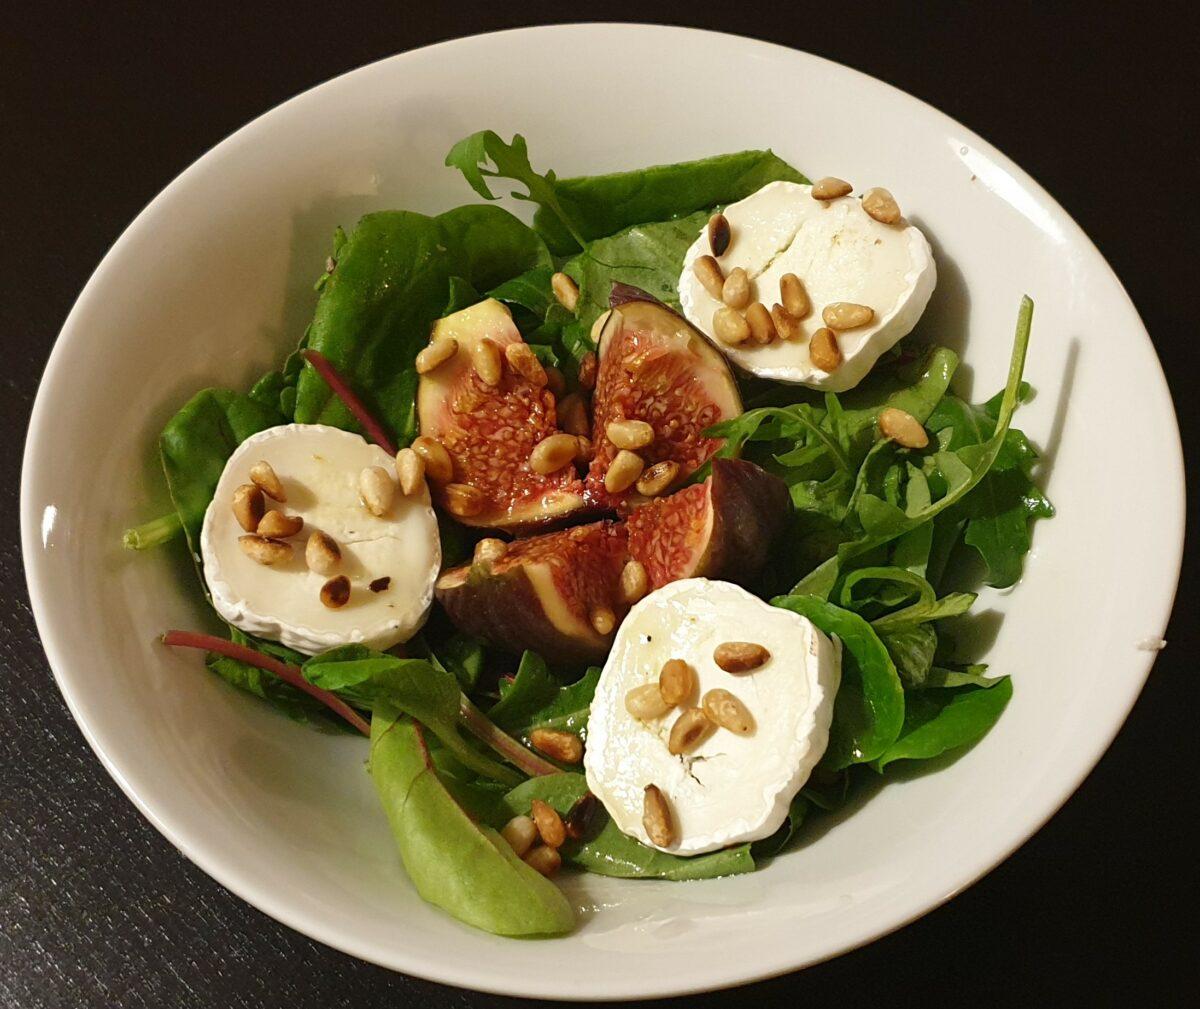 Salat mit Ziegenkäse und Feigen mit Honig-Senf-Dressing